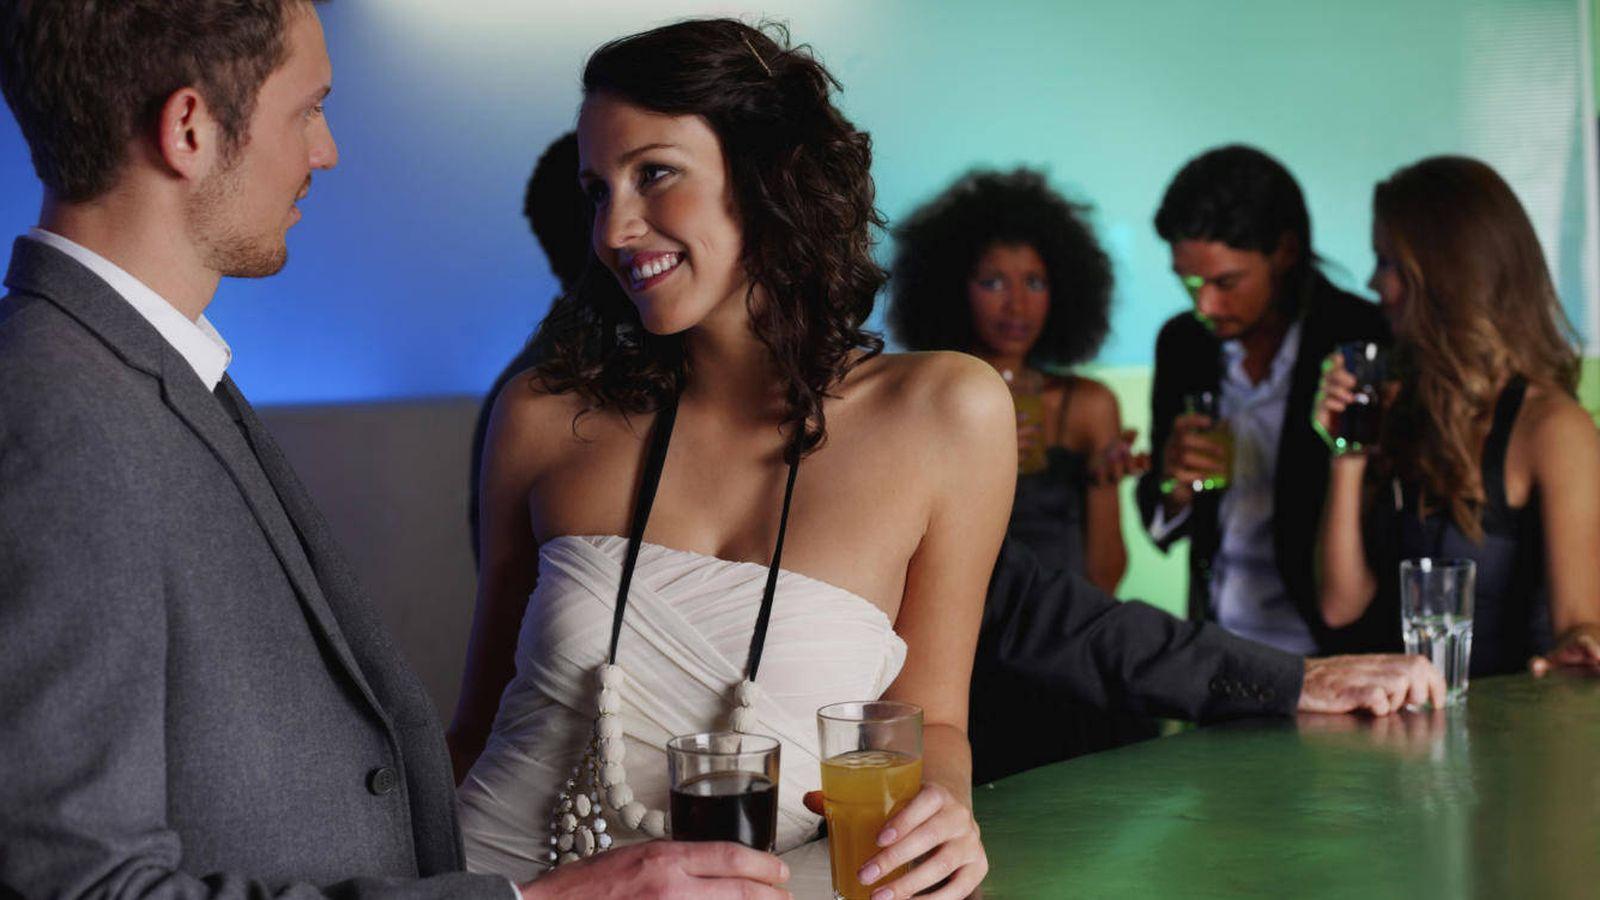 Como conocer gente despues de un divorcio [PUNIQRANDLINE-(au-dating-names.txt) 69